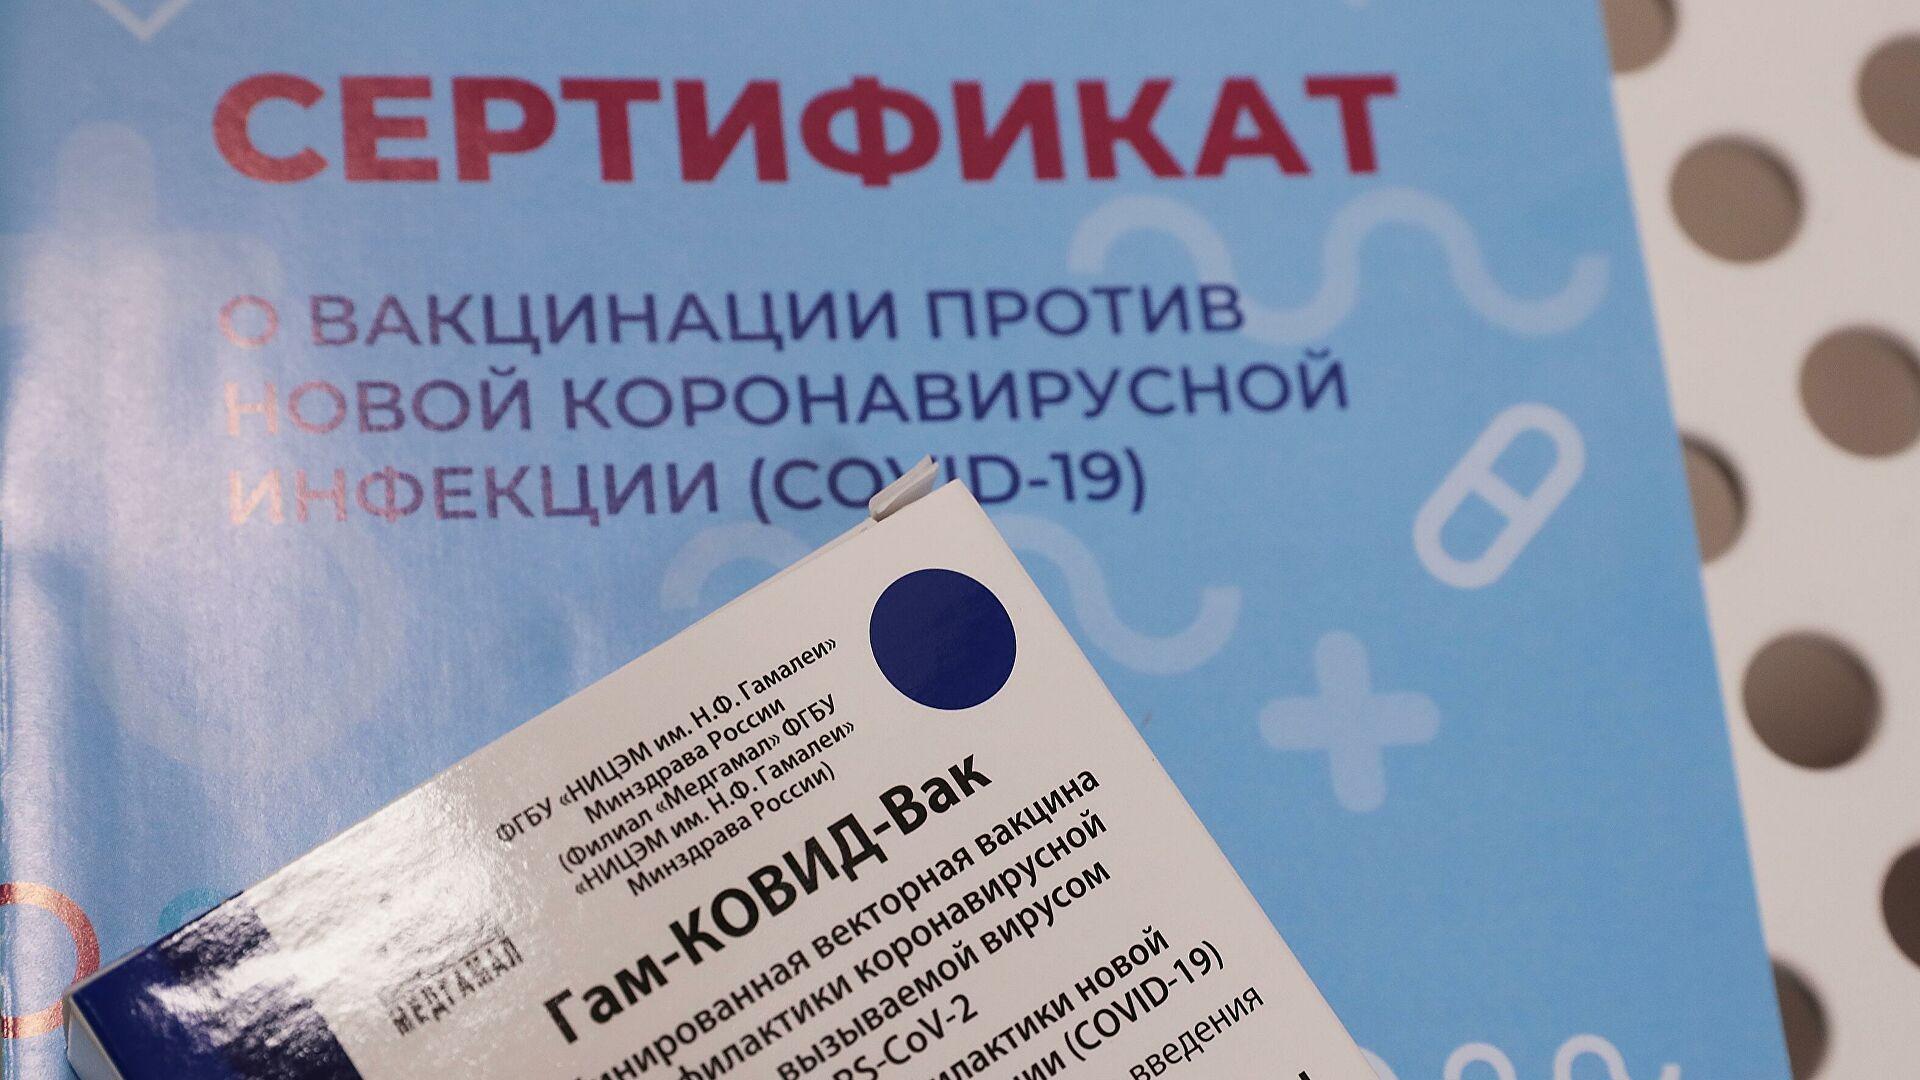 В Москве за подделку сертификатов о вакцинации возбуждено 44 уголовных дела